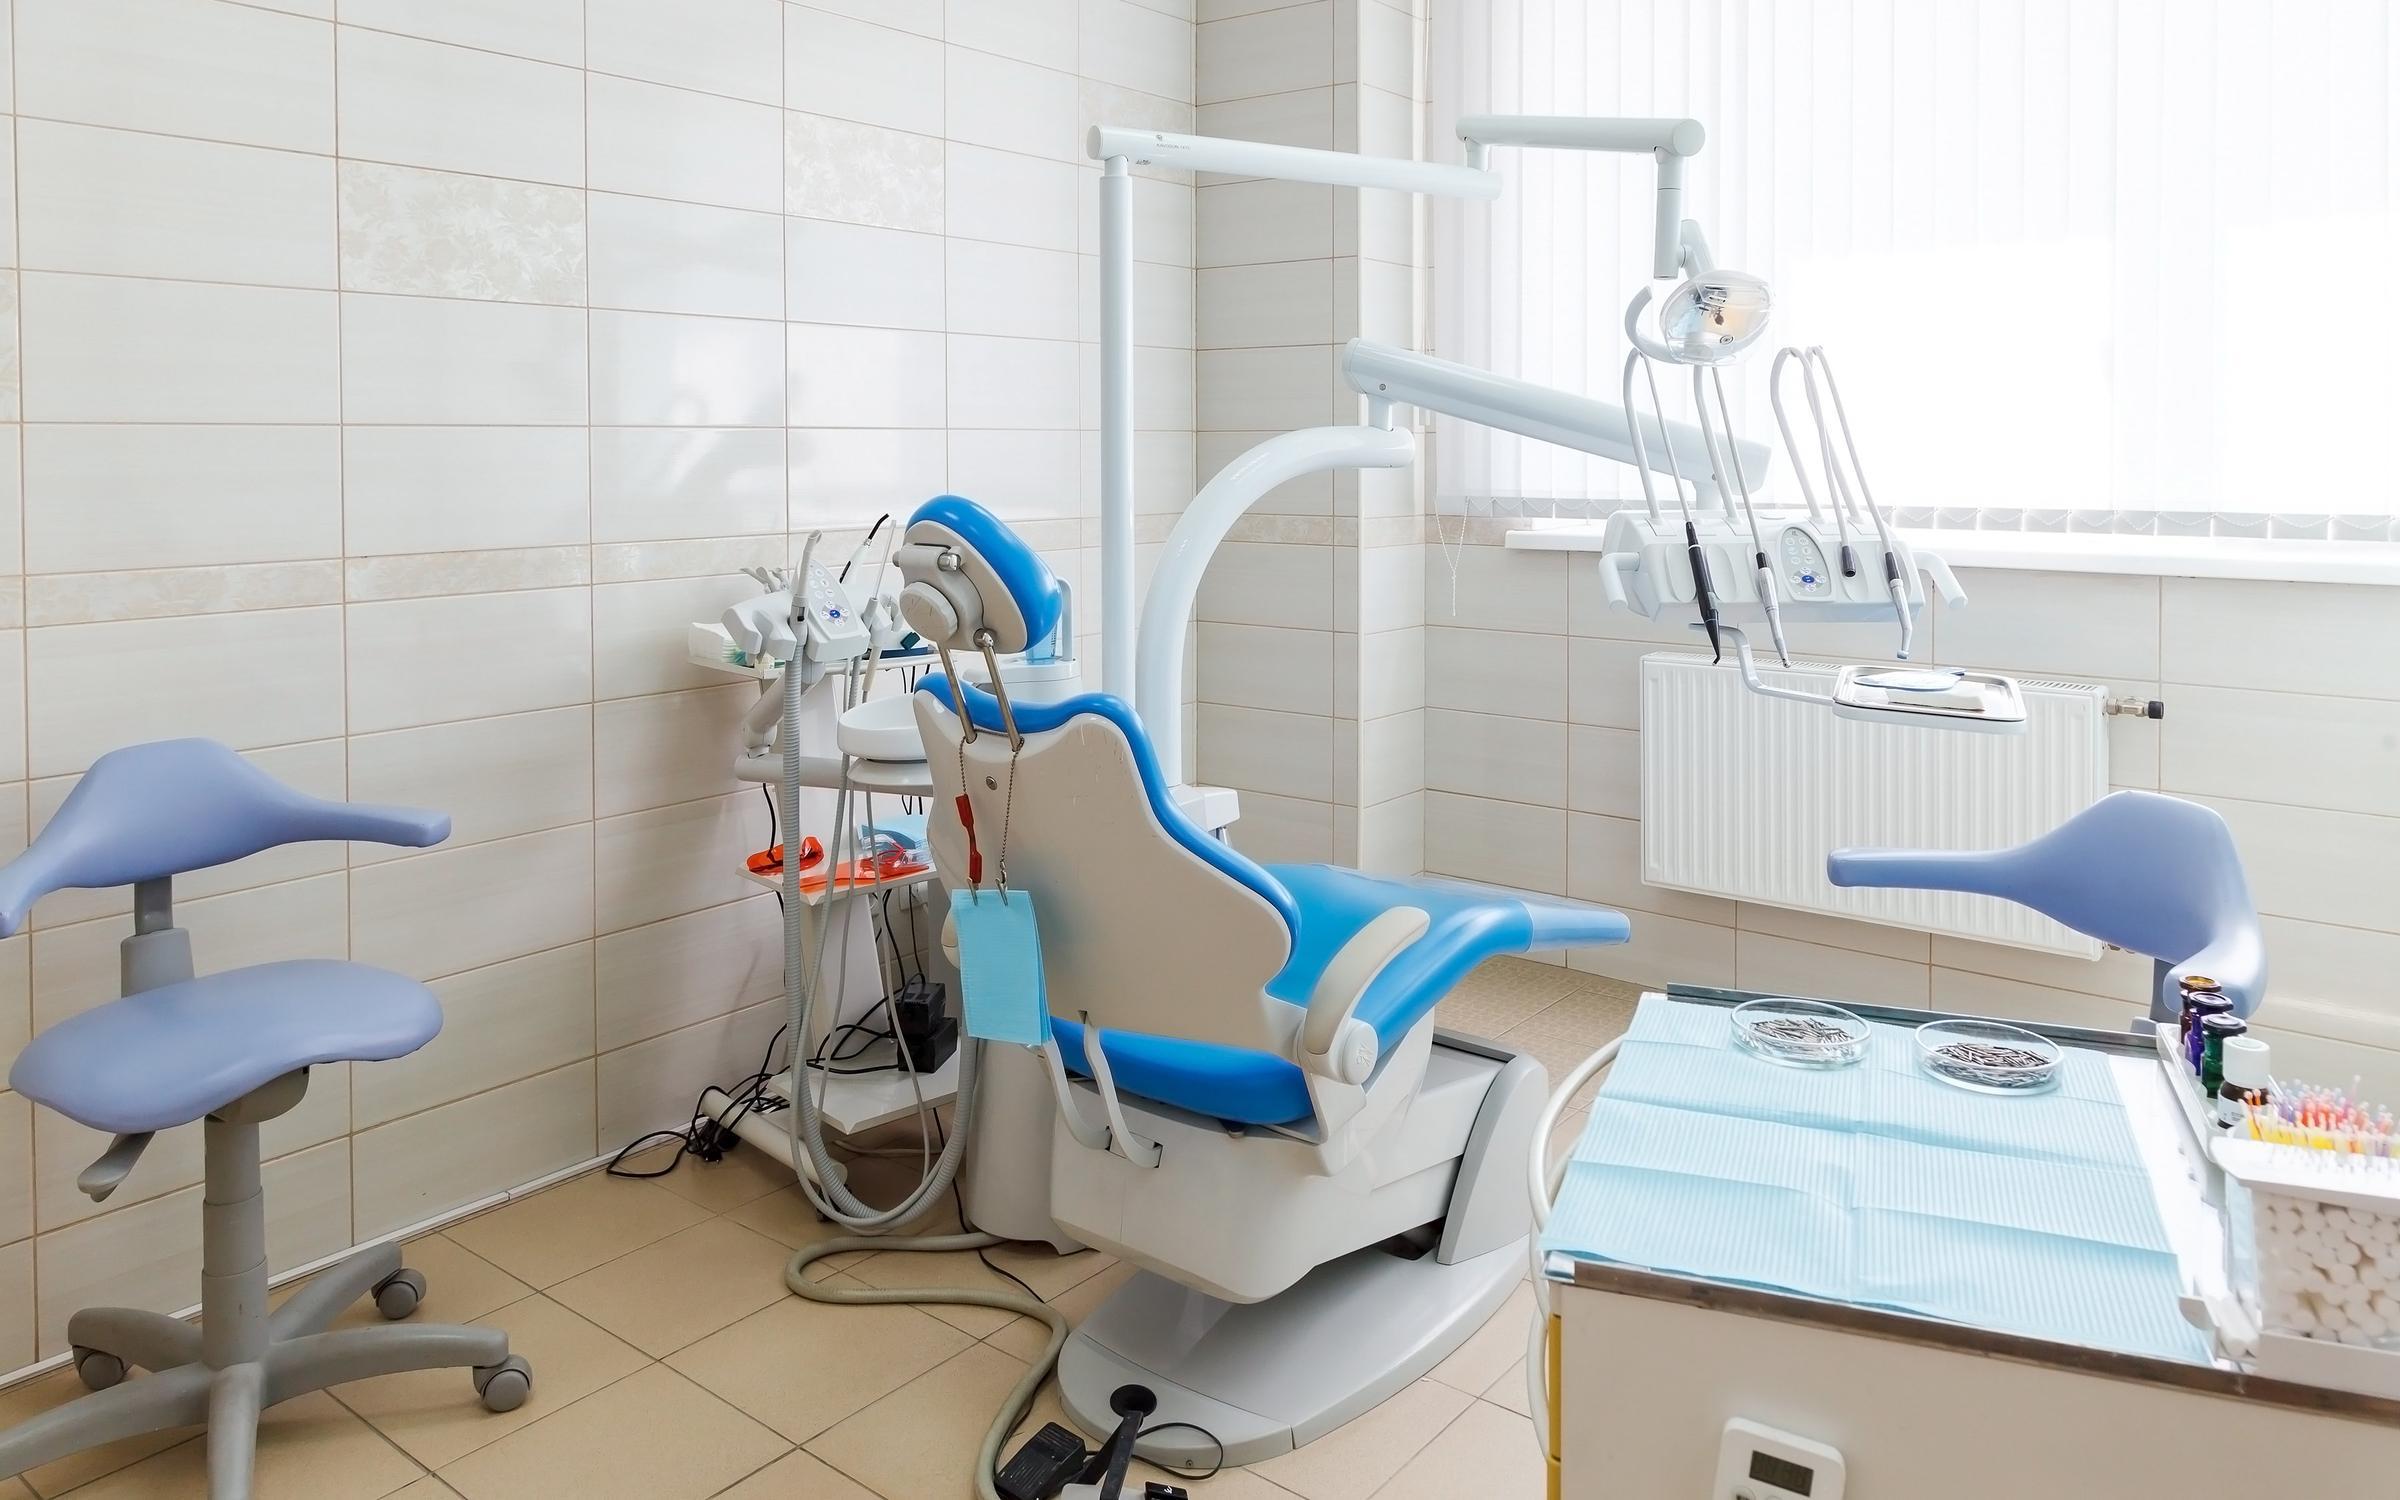 фотография Стоматологической клиники Трио Дент в Одинцово